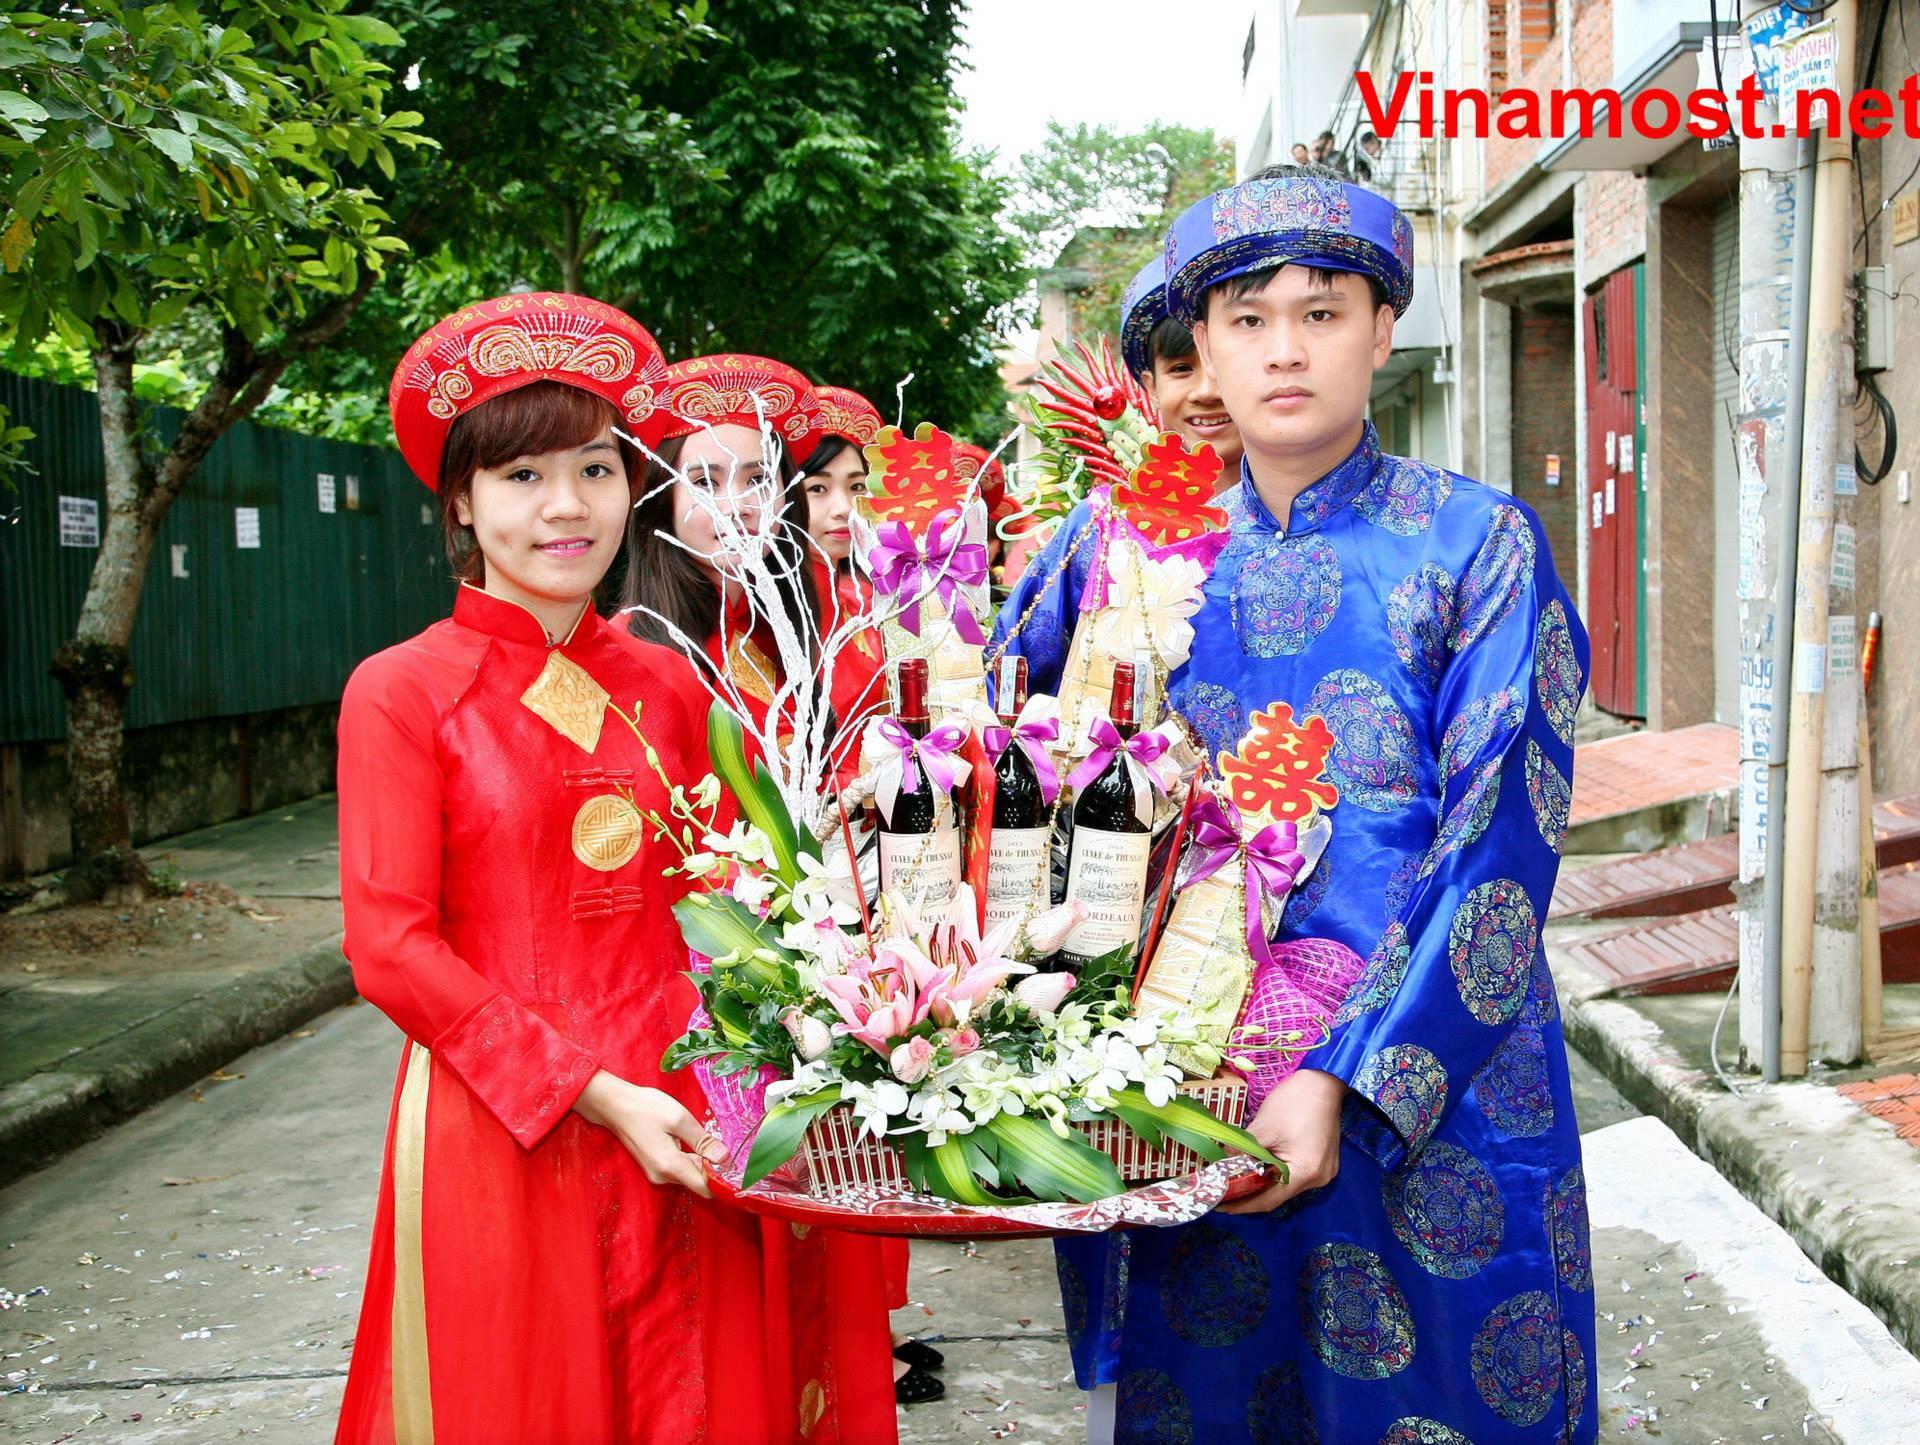 Vijetnamke lažiraju brakove da ih ne osuđuju jer su zatrudnjele